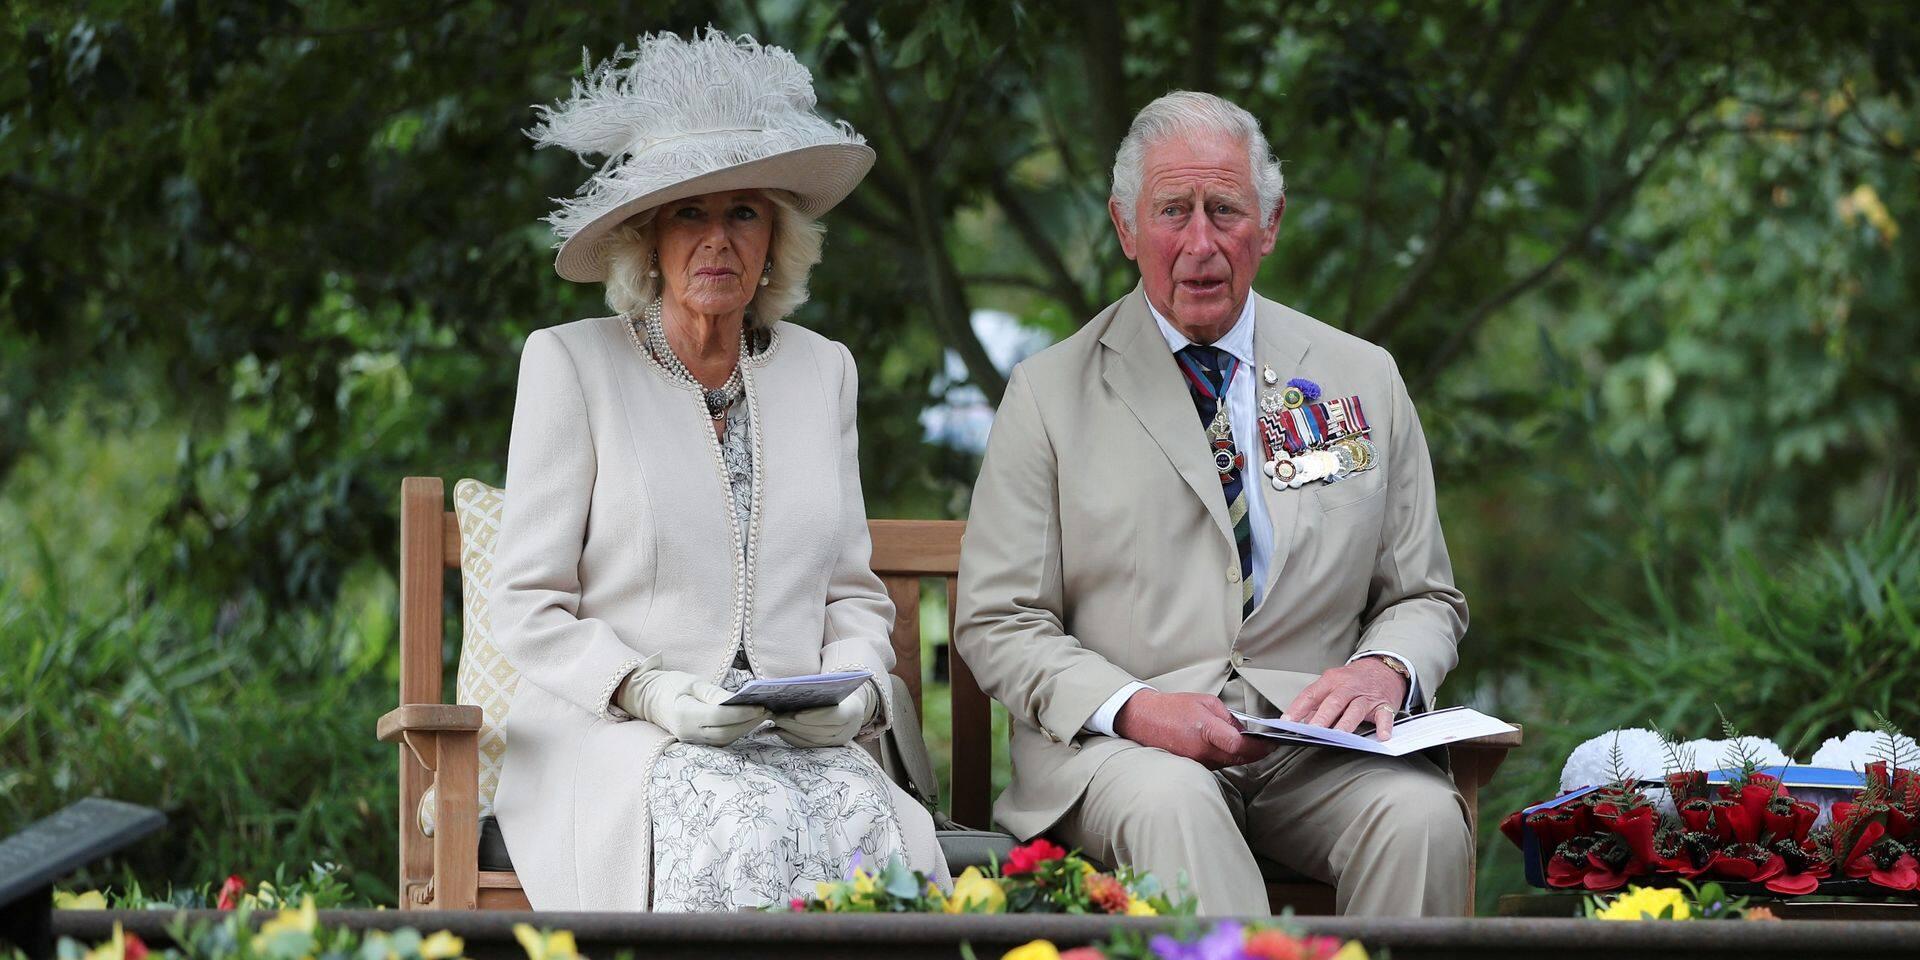 Cet homme de 55 ans prétend être le fils de Charles et Camilla et partage une photo pour le prouver